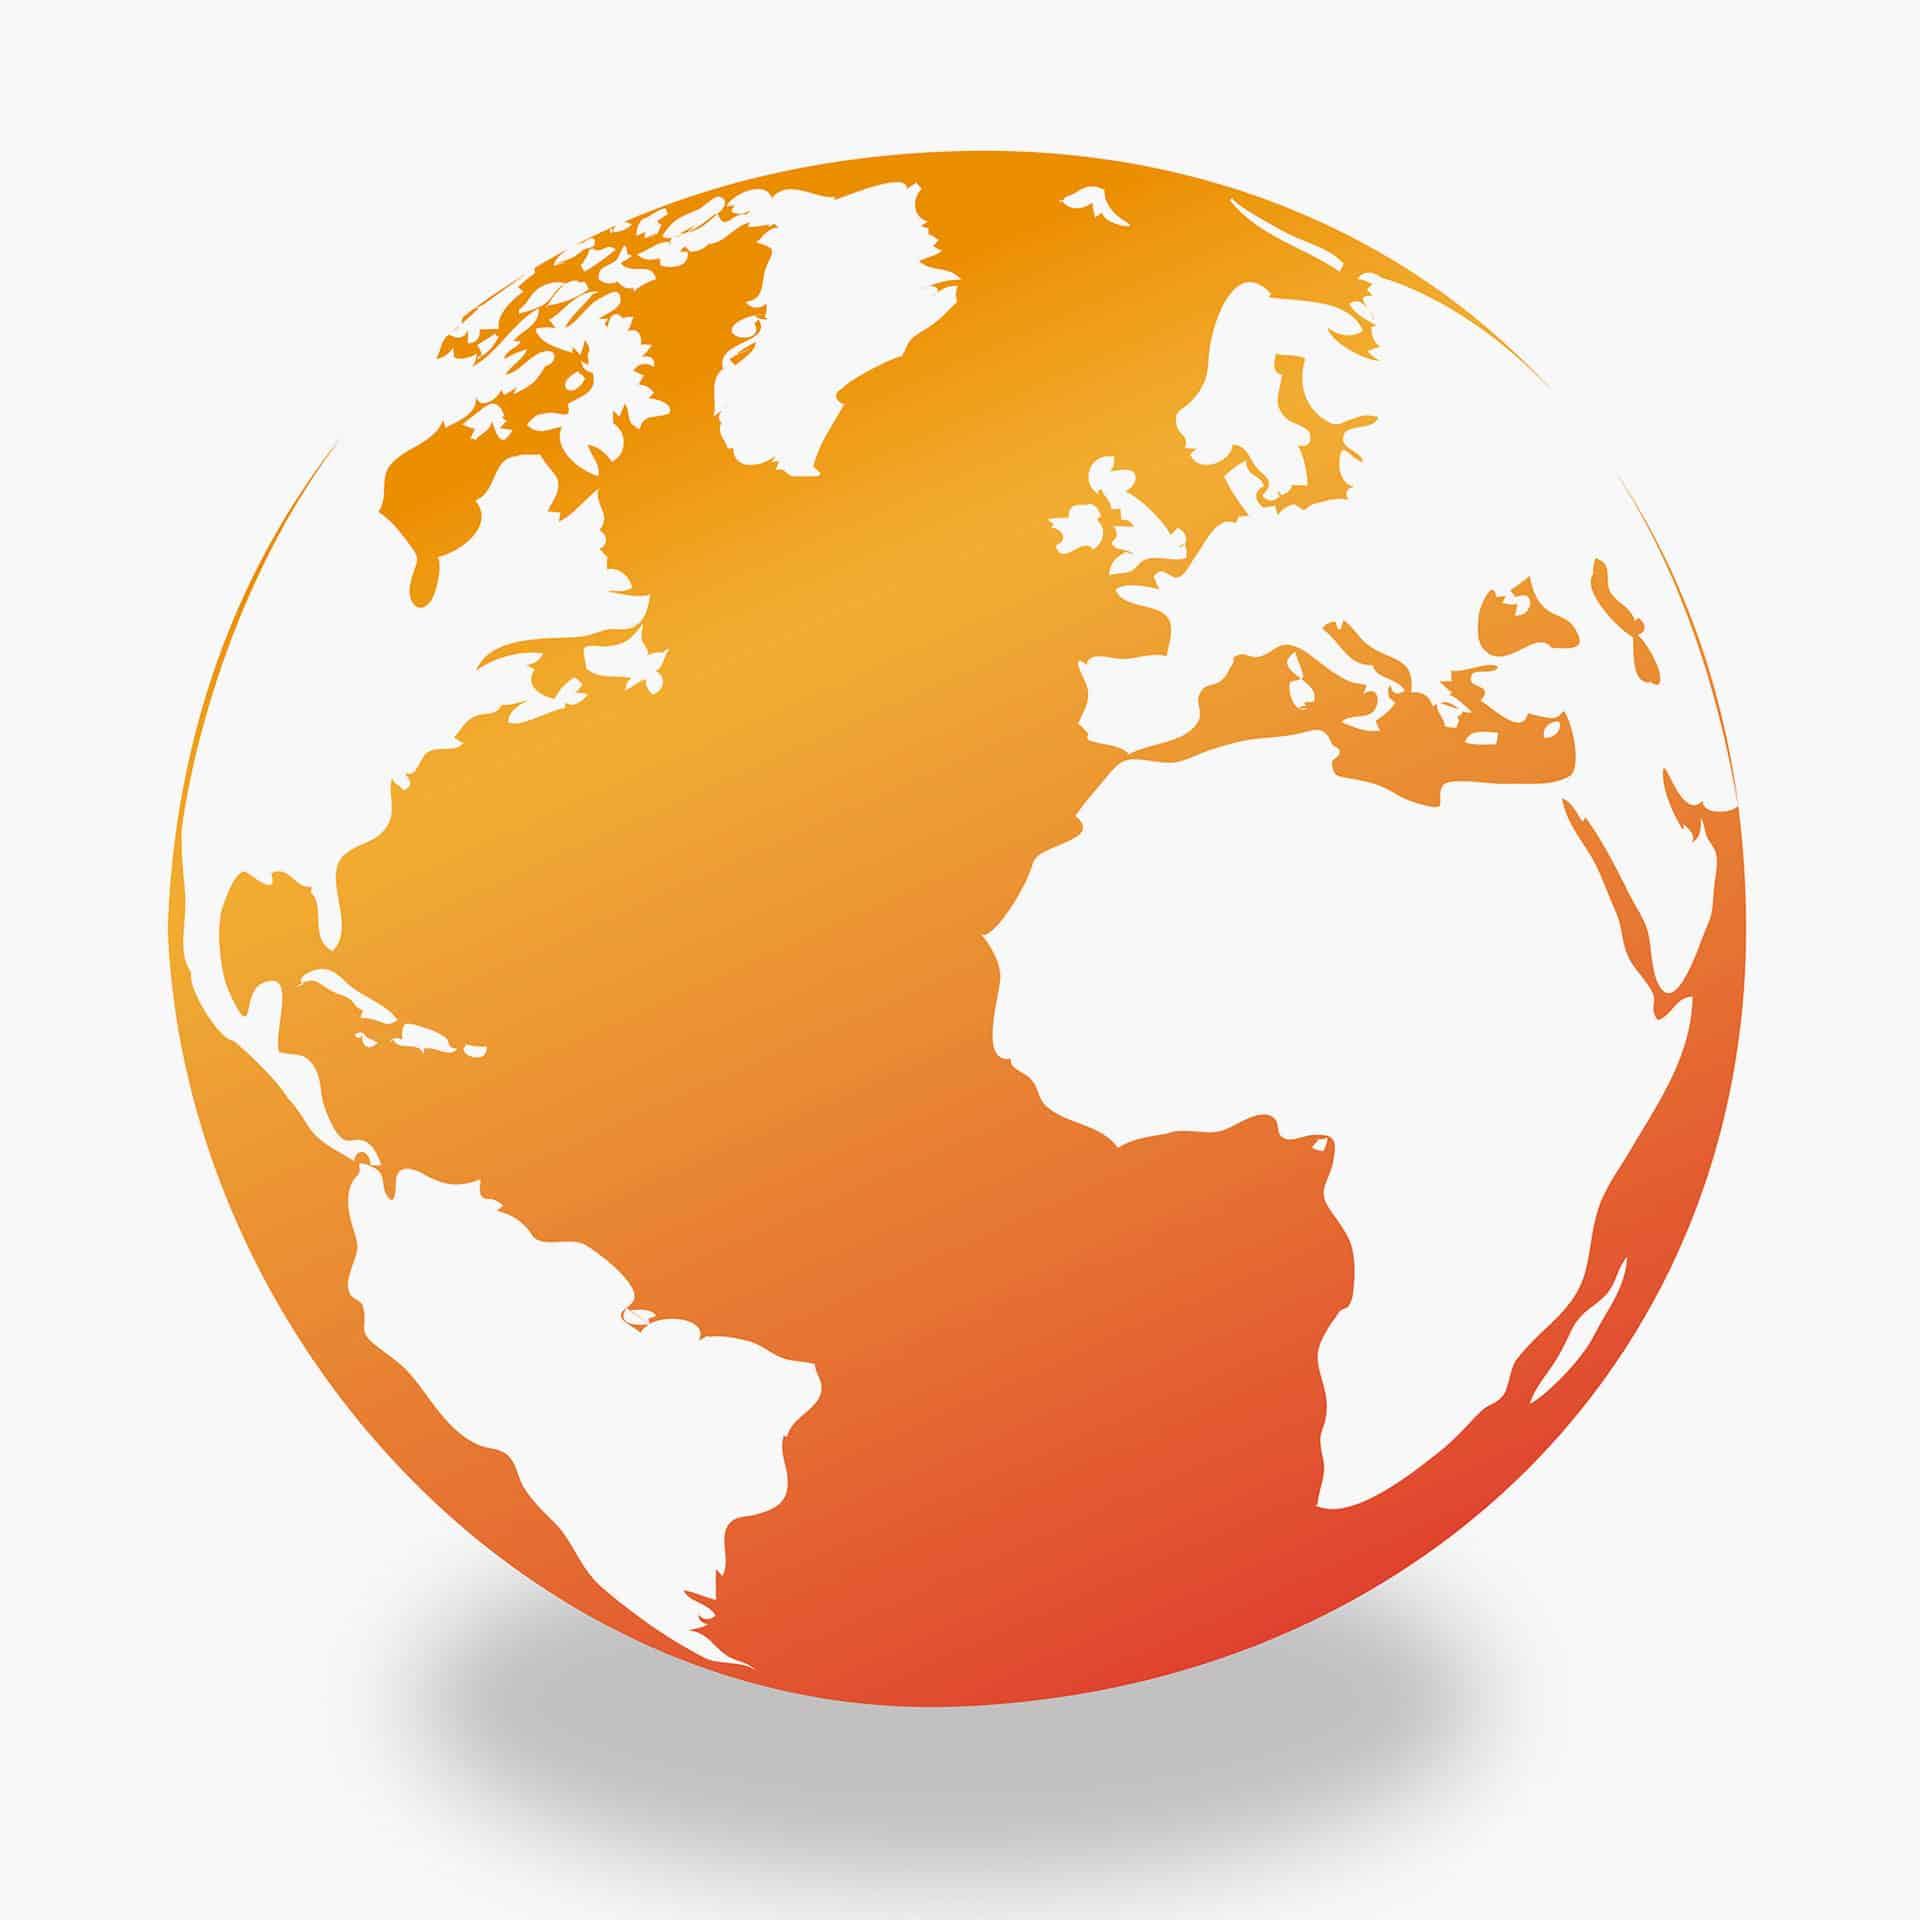 Decouvrir-les-produits-et-services-a-l'export